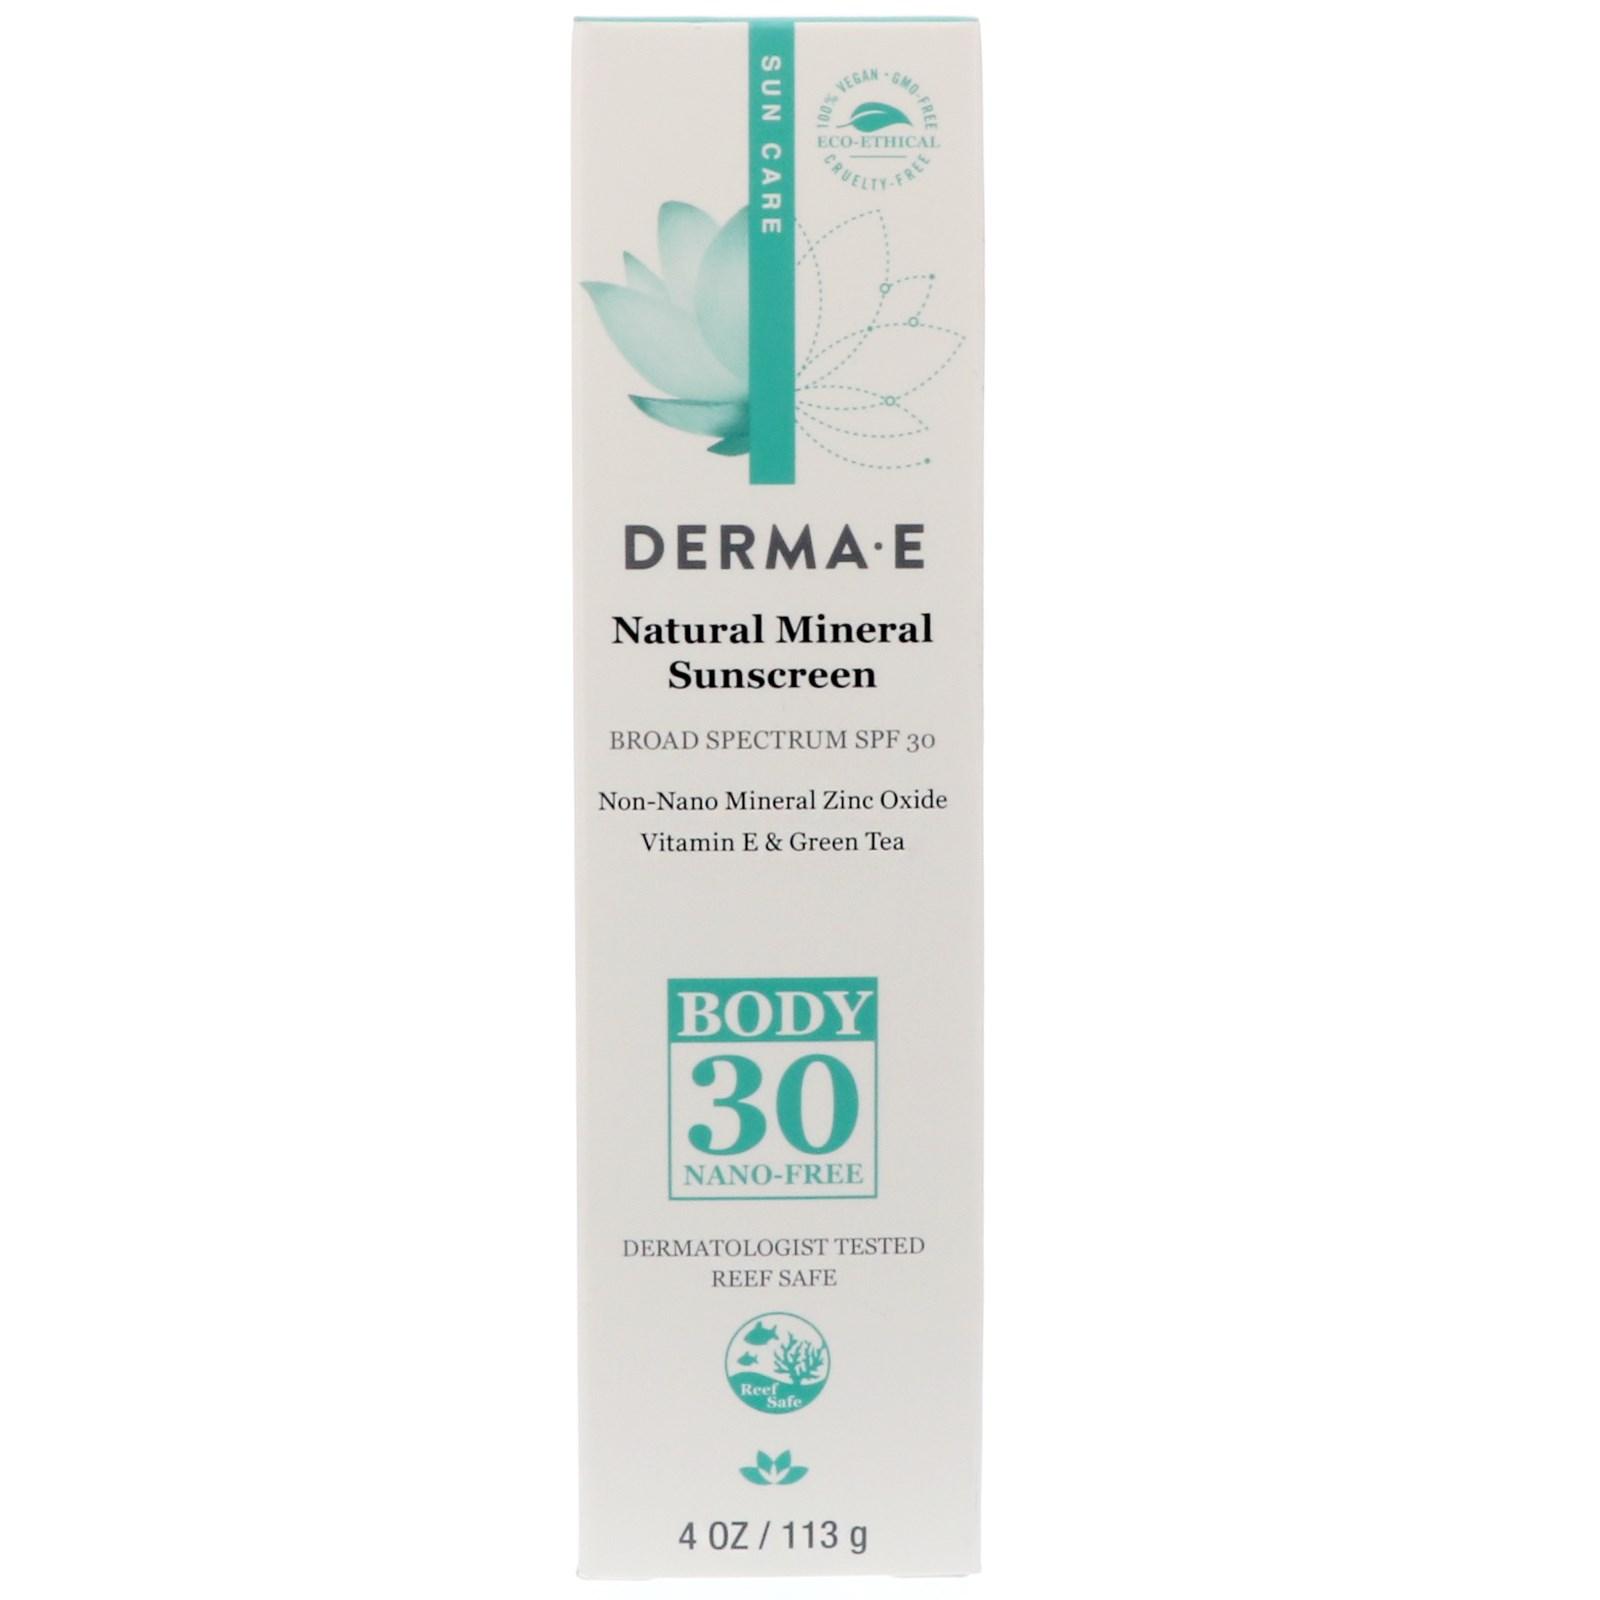 Derma E, Натуральный минеральный солнцезащитный крем, фактор SPF 30, 4 унции (113 г)